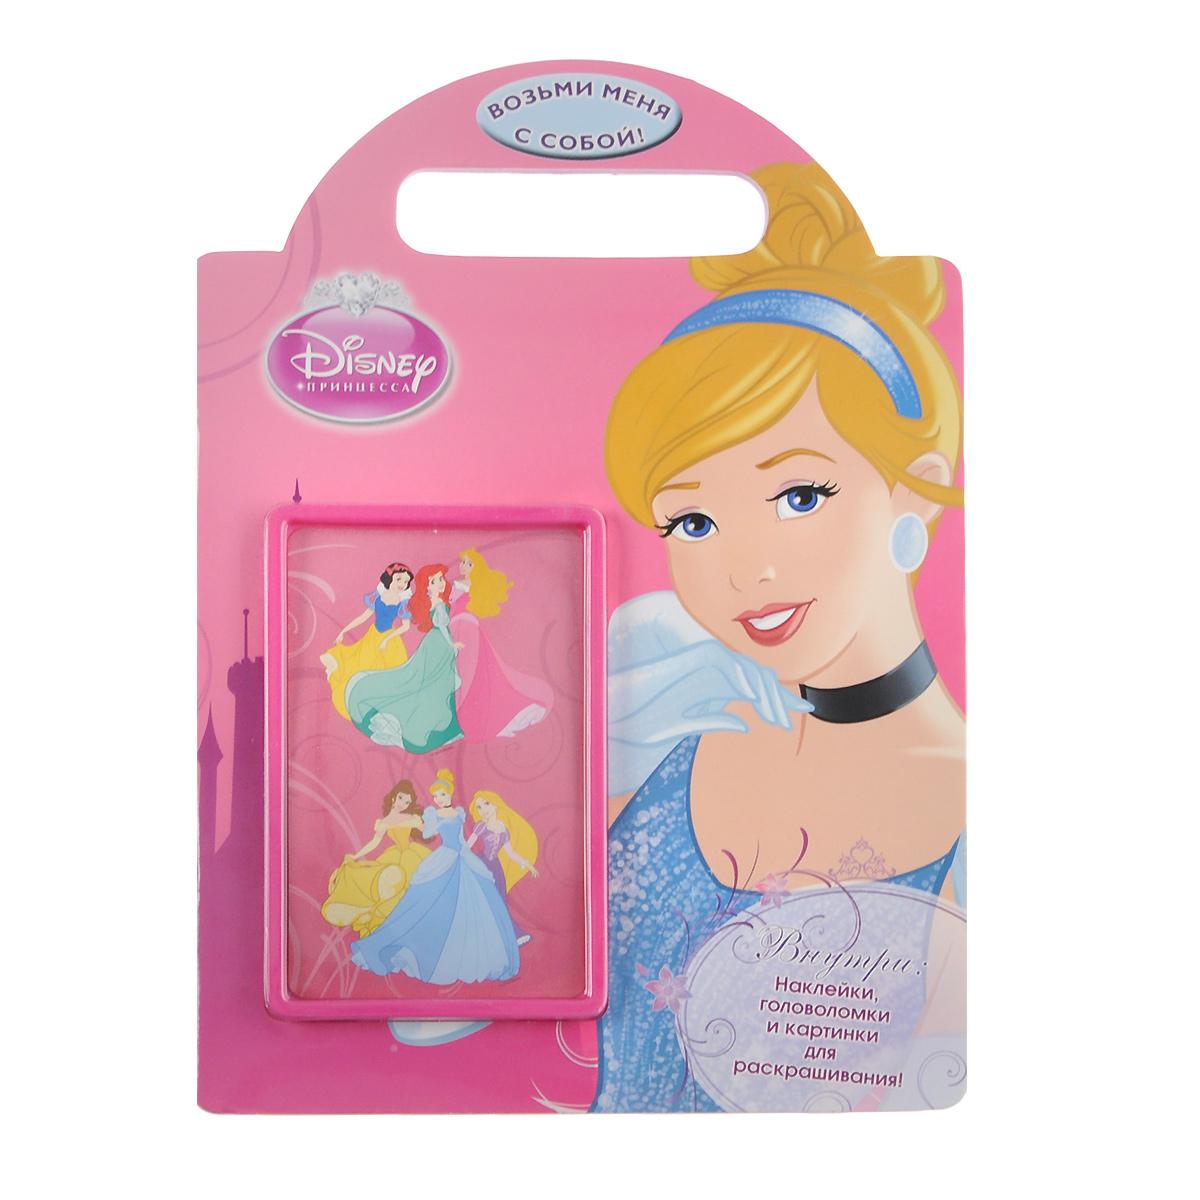 Принцессы. Развивающая книжка с наклейками12296407Присоединяйся к принцессам Disney и проведи время по-королевски! В этой книге юным читательницам предстоит выполнить увлекательные задания - нарисовать собственную корону и помочь Золушке вернуться домой до полуночи, сыграть в прятки с Белоснежной, а также многое другое! С помощью удобной ручки книгу можно взять с собой и весело провести время в любом месте! Книжка с вырубкой.